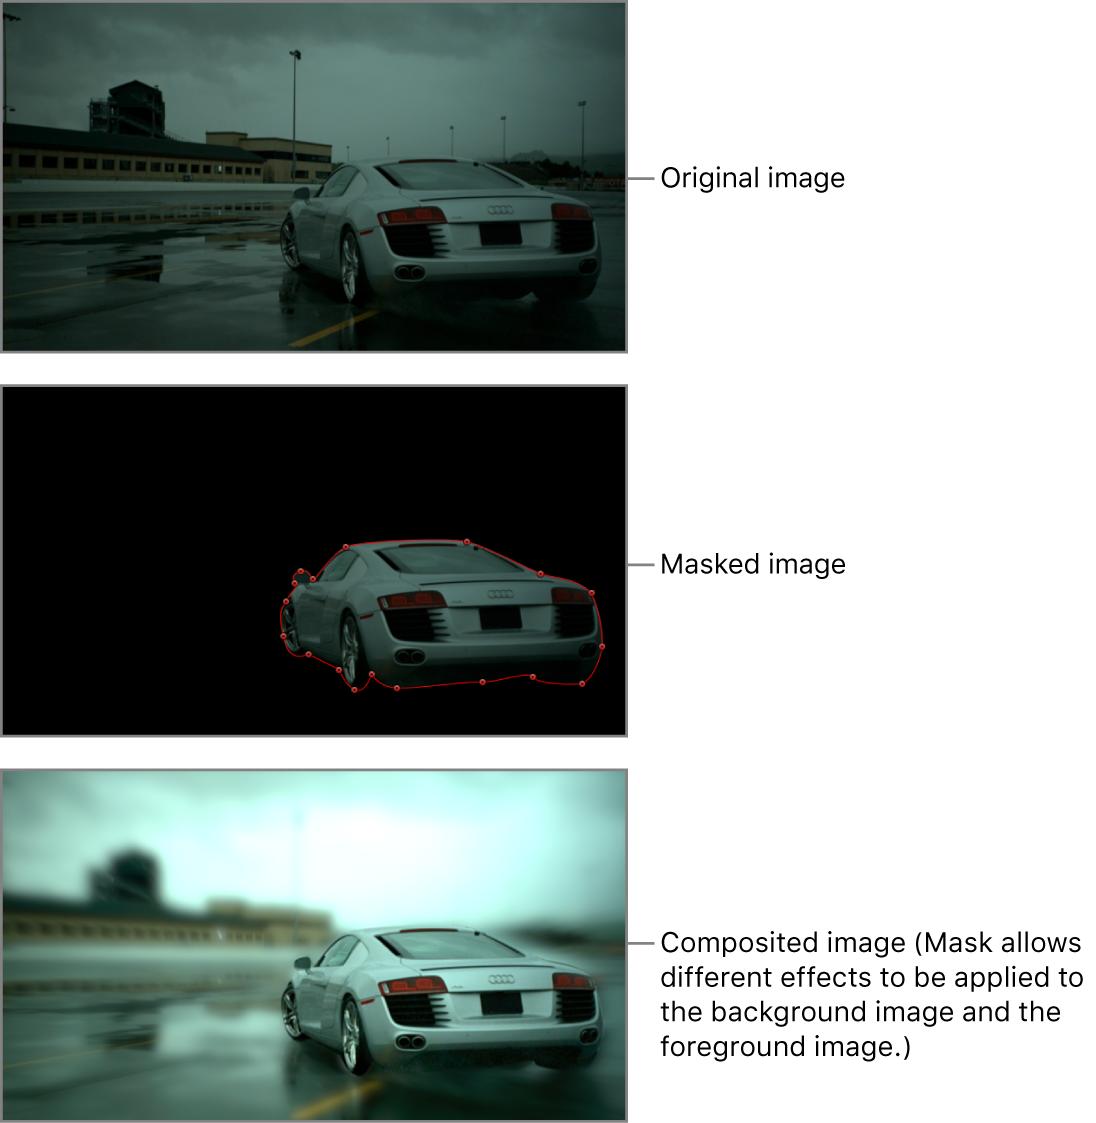 Lienzo y una imagen de un coche antes de enmascararla, máscara dibujada alrededor del coche y efecto de rotoscopia final (el fondo modificado por un filtro de difuminado, pero no el coche)